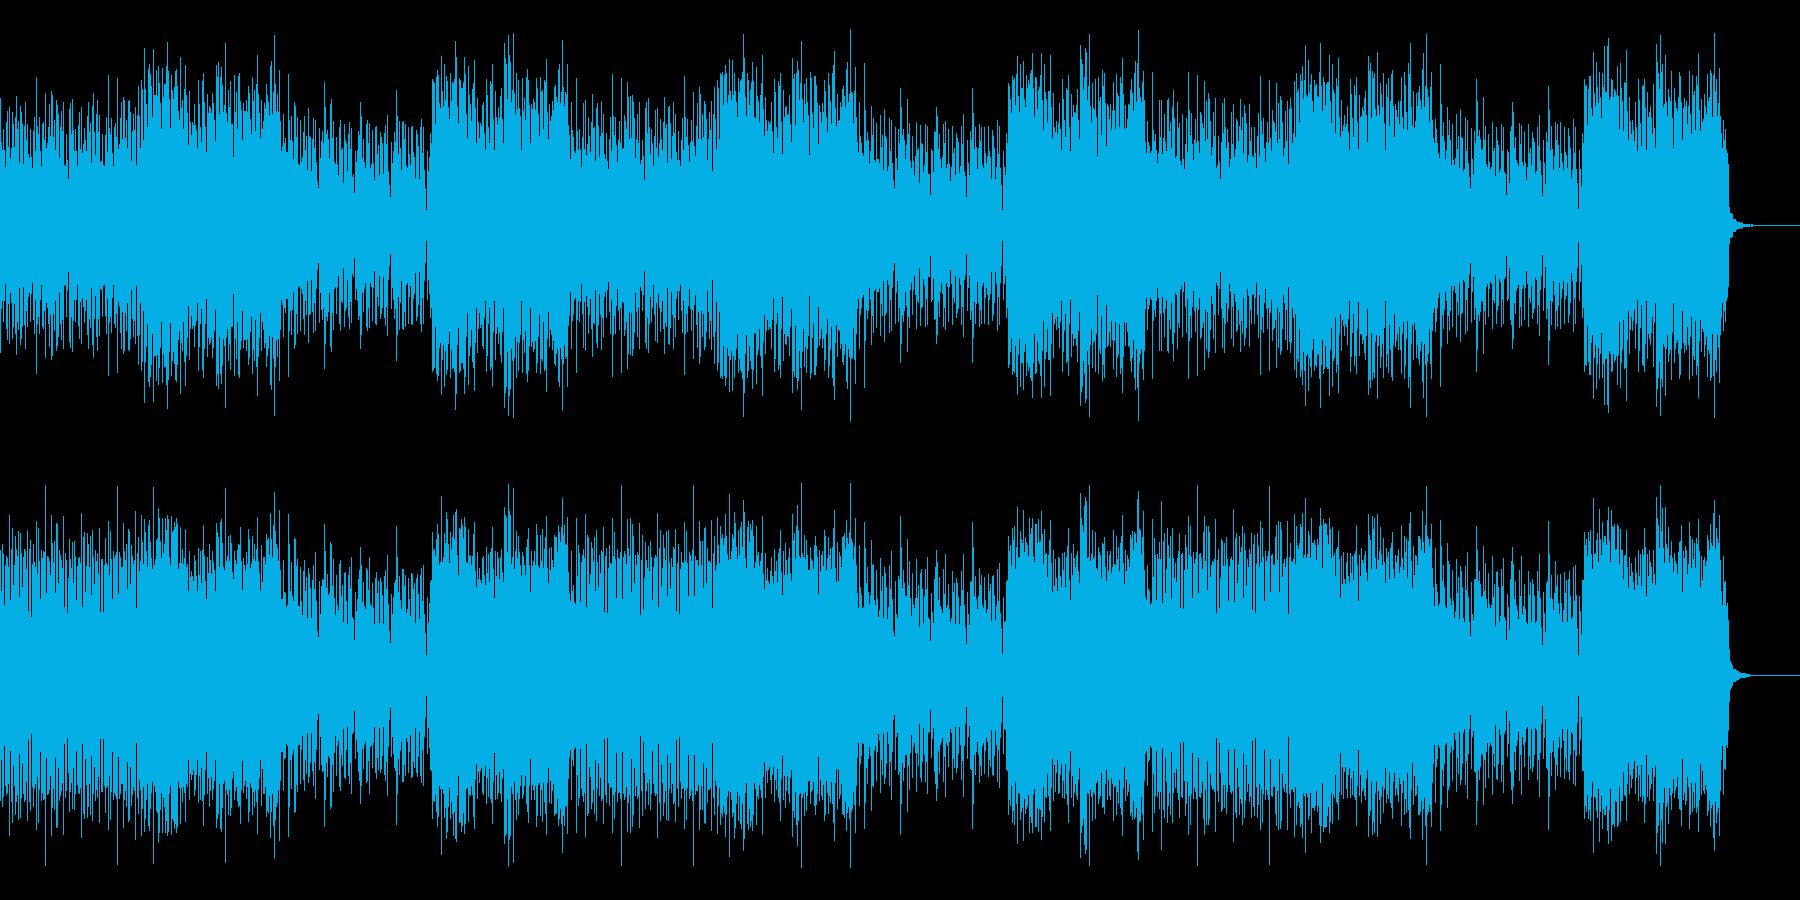 ゲーム内戦闘シーン向けチップチューンの再生済みの波形